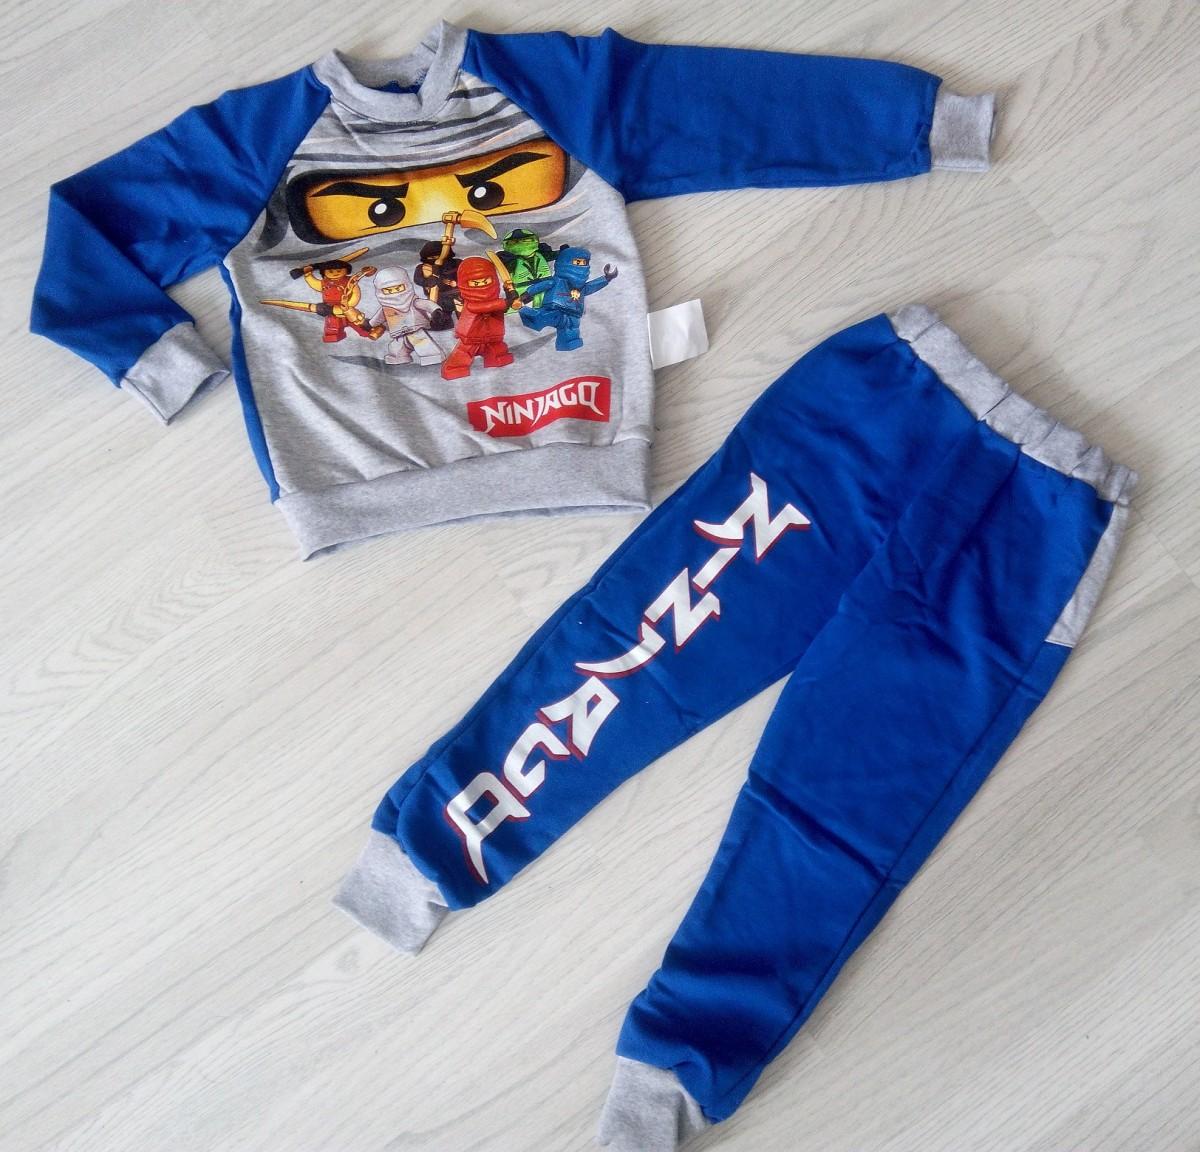 теплый костюм для детского сада и дома ниндзяго для мальчика на байке